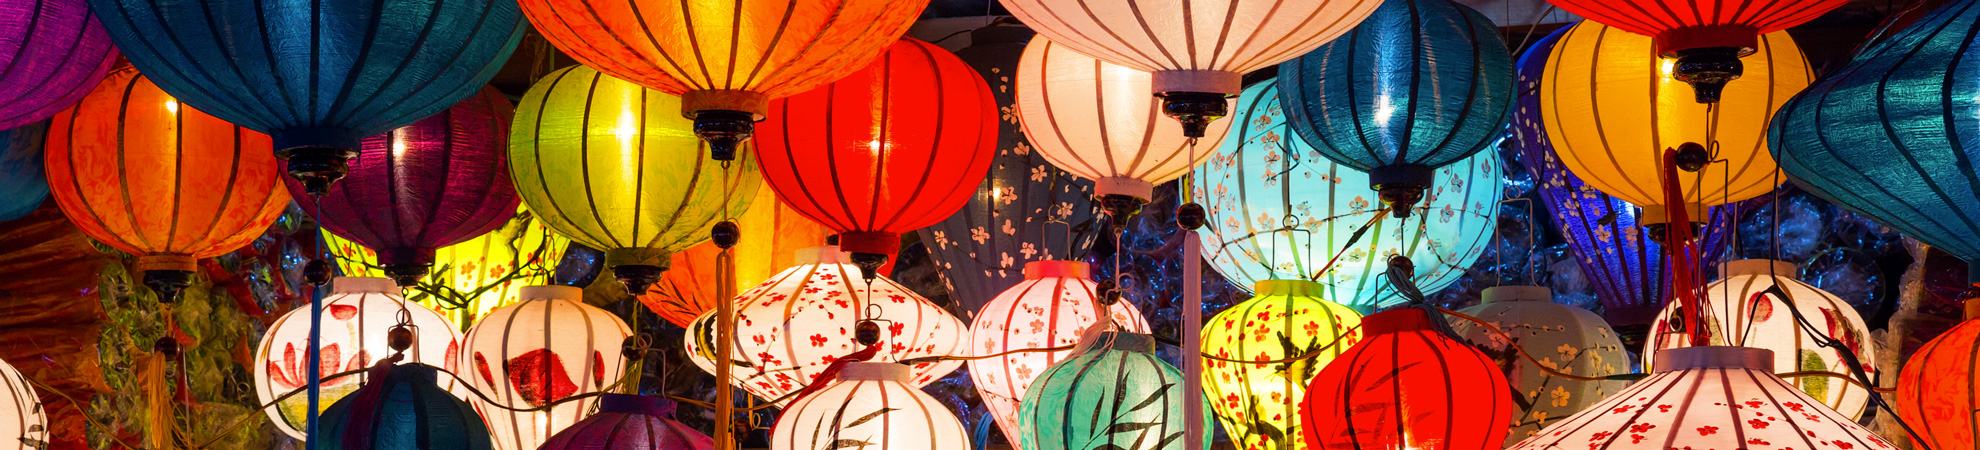 Règles de savoir-vivre lors de leur circuit en Chine